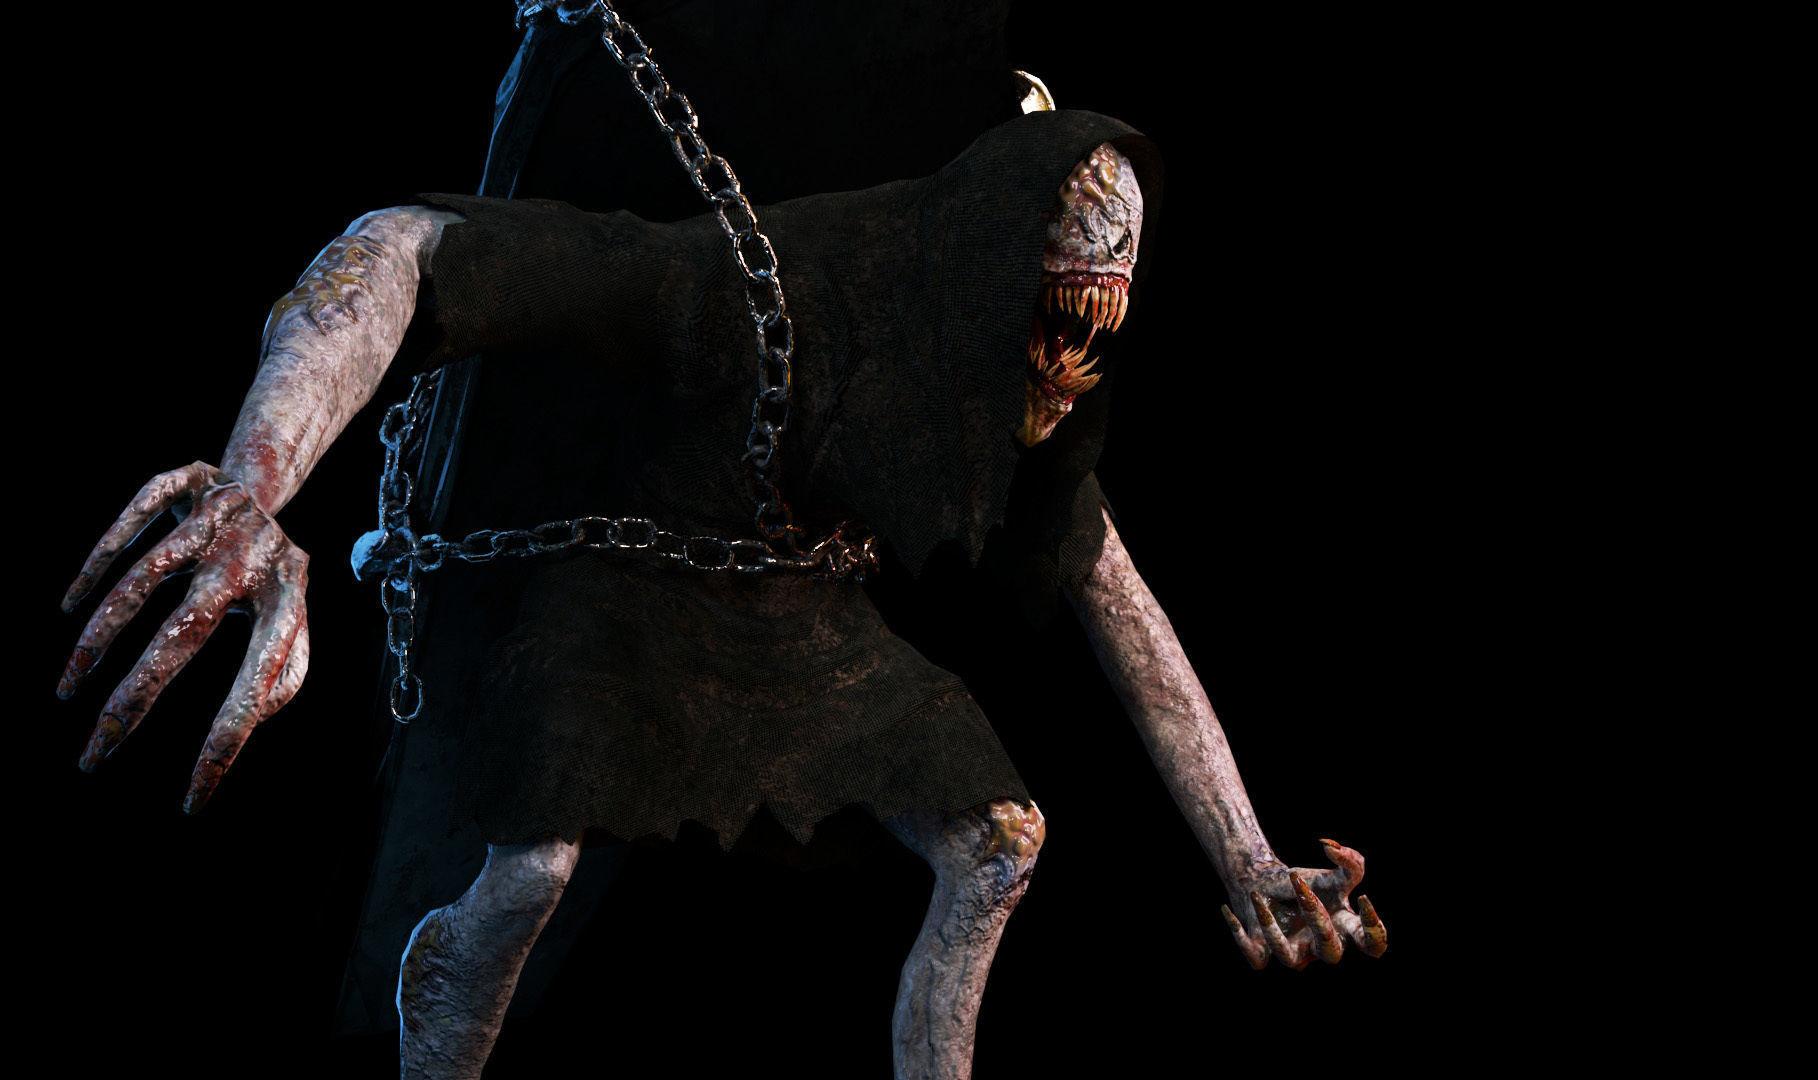 Creature Monster Animated Faceless Gravewalker